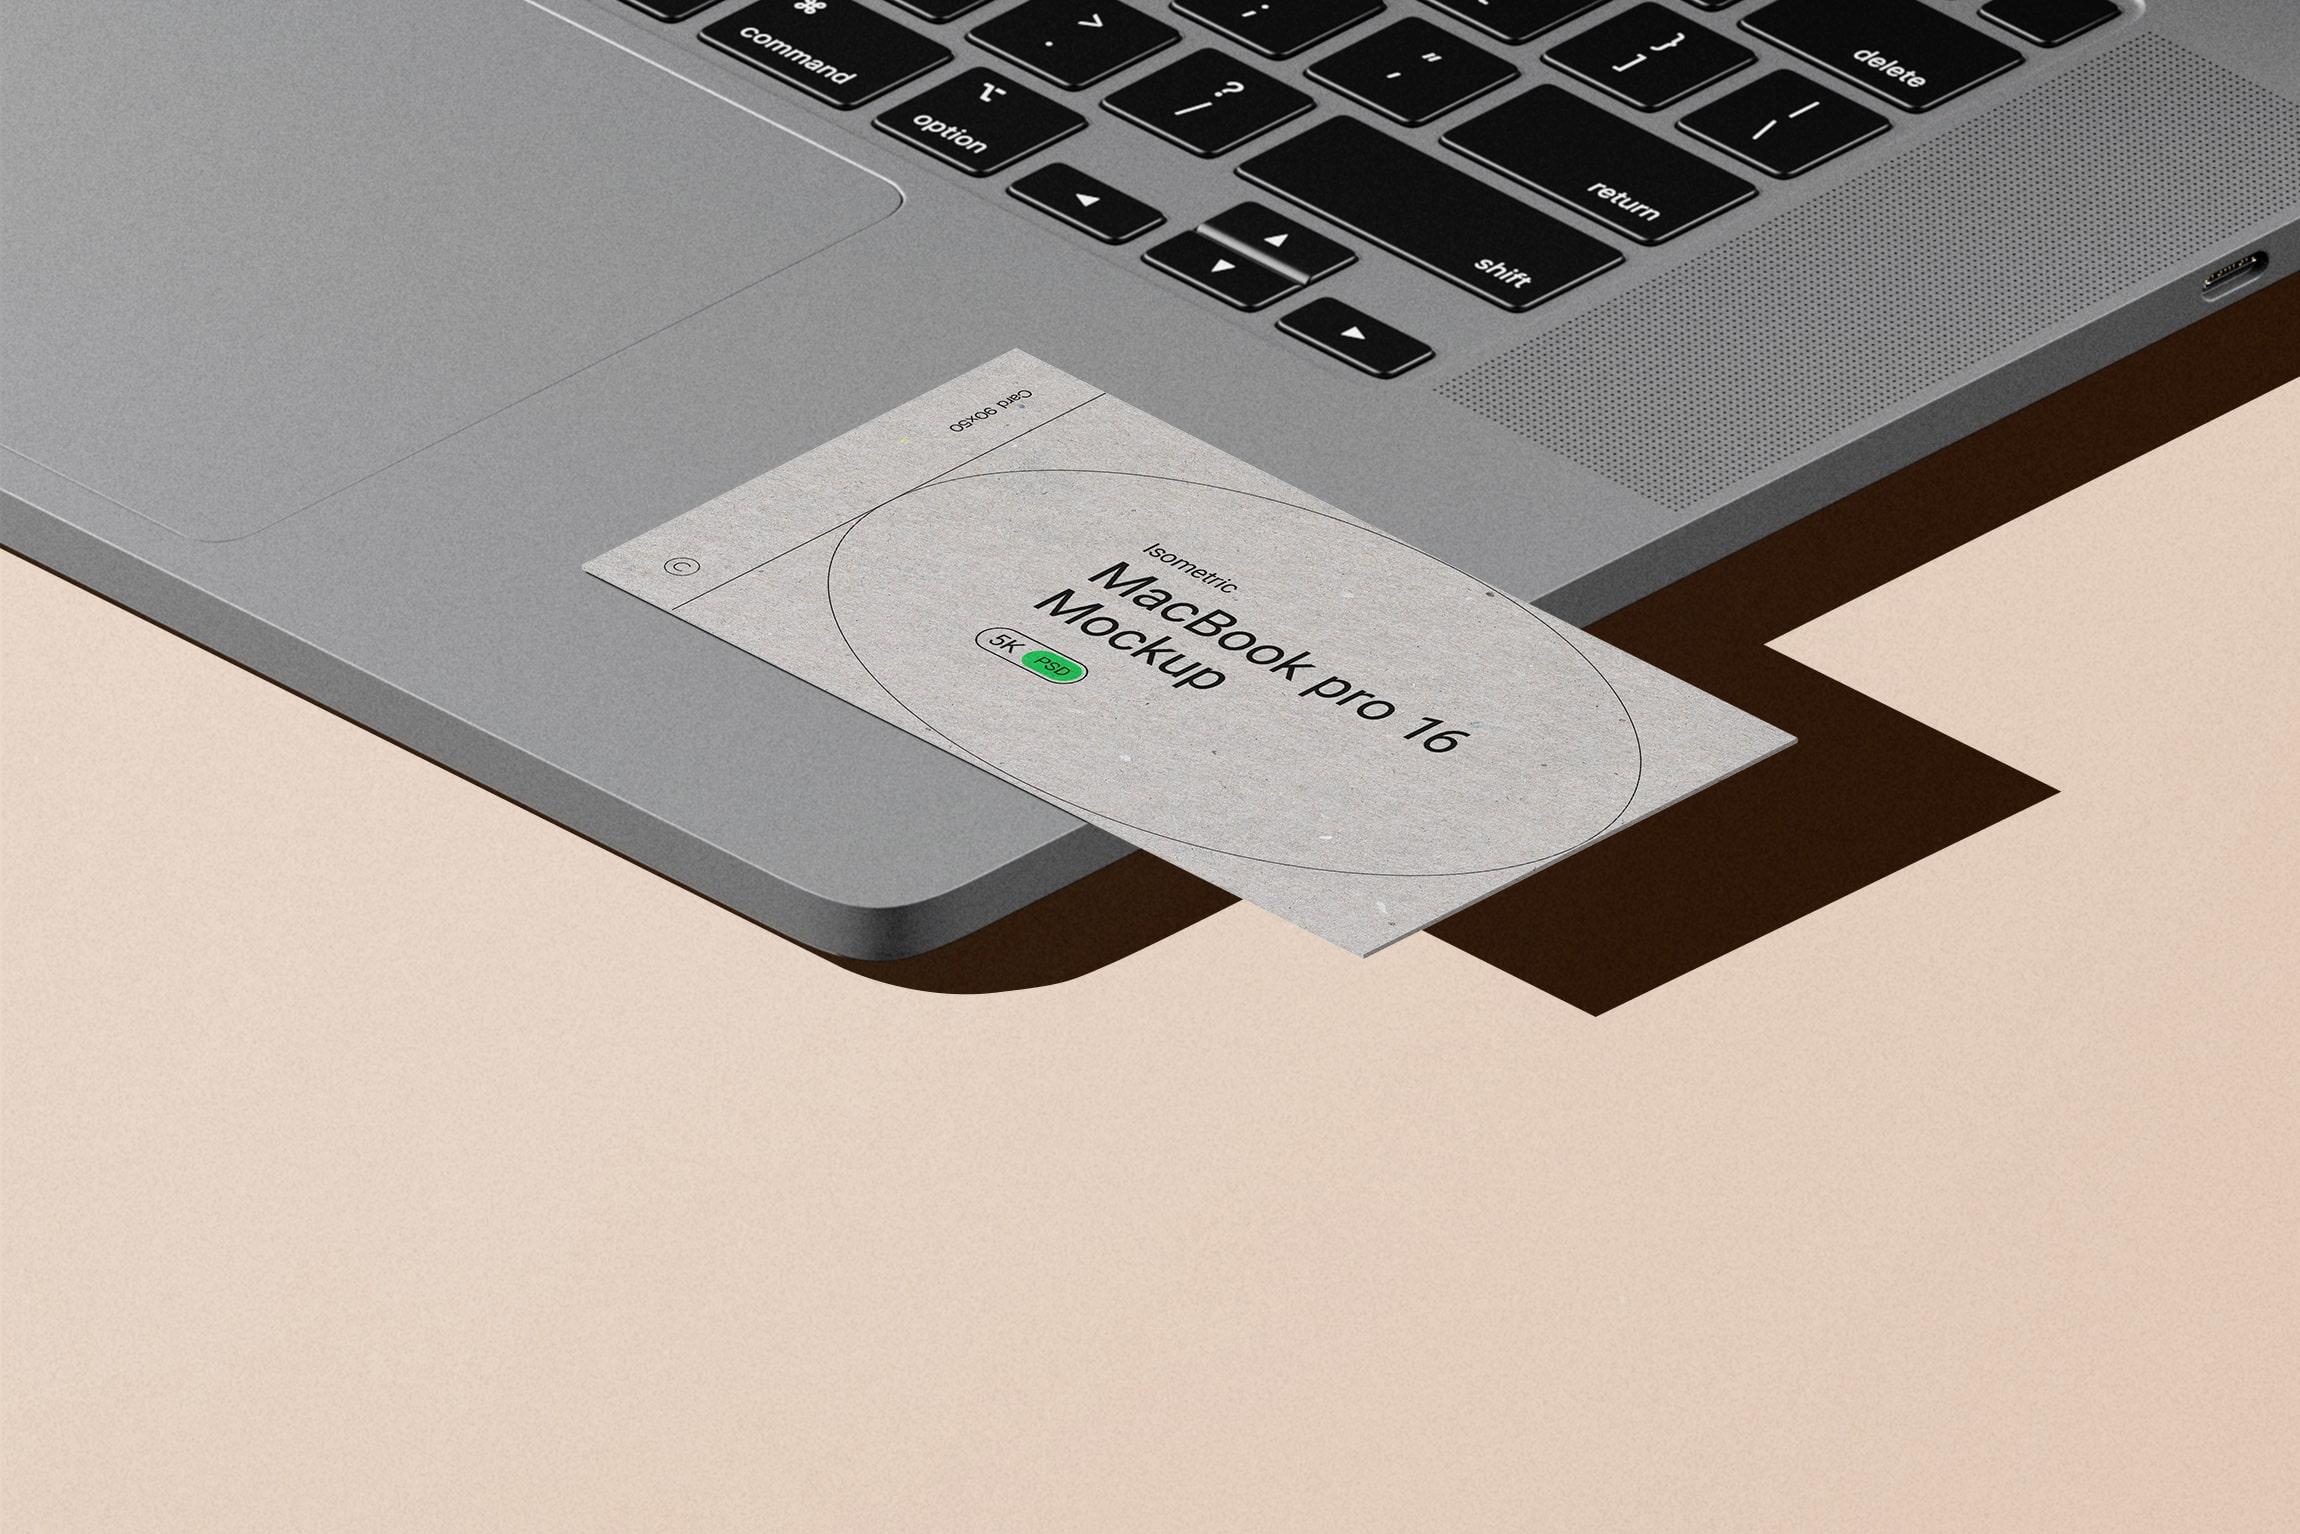 [单独购买] 16款时尚等距APP界面设计苹果设备屏幕演示场景样机模板套装 Device Pack Mockups – Isometric插图8